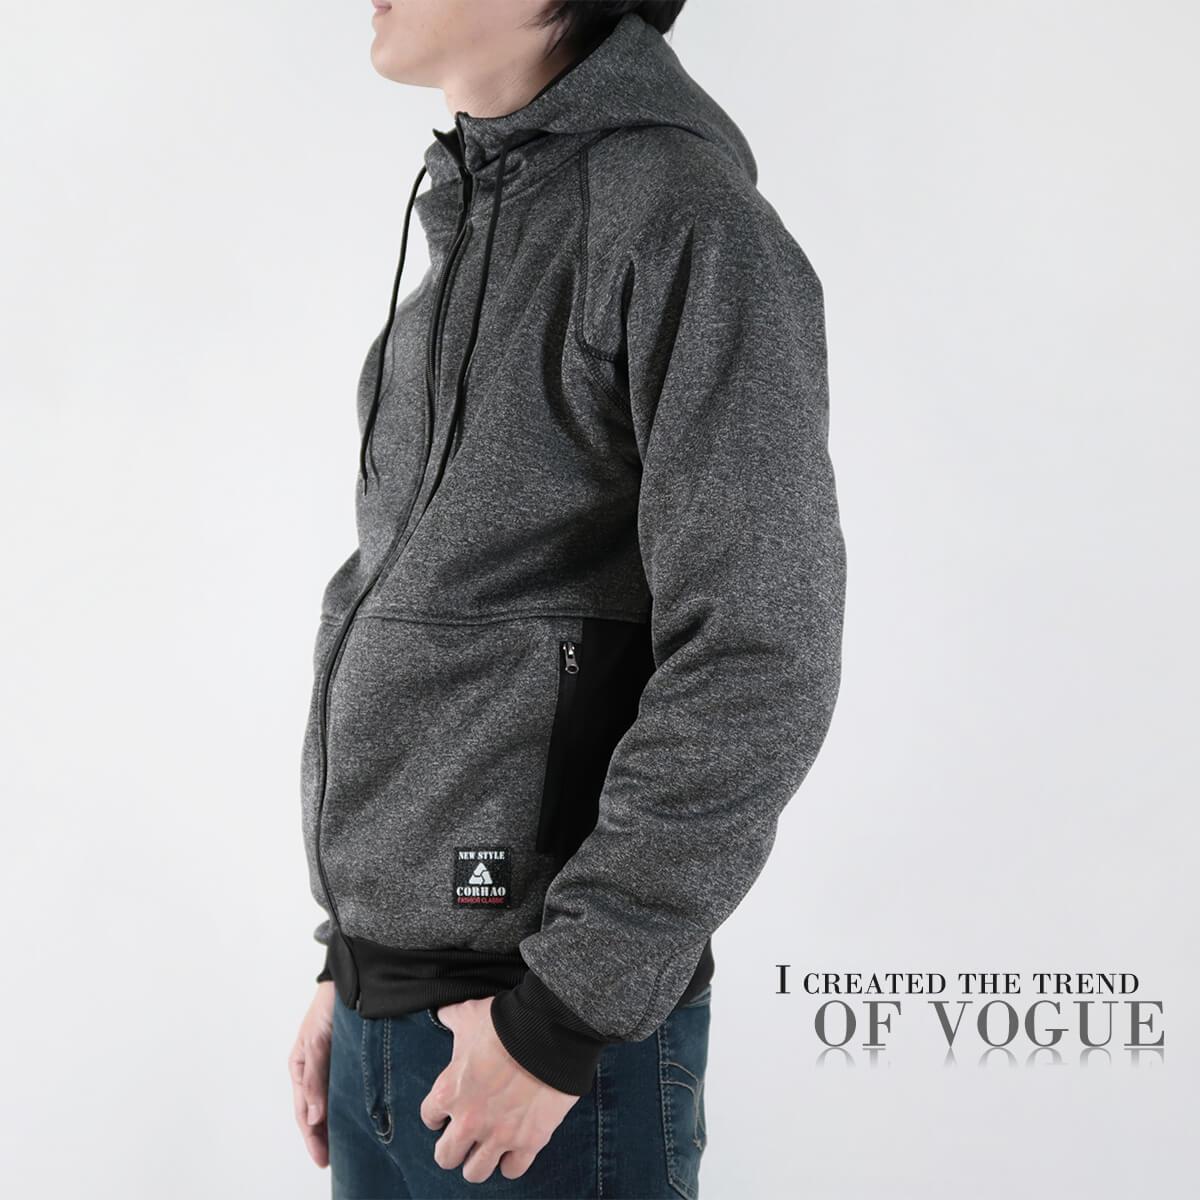 內刷毛連帽保暖外套 夾克外套 運動外套 休閒連帽外套 刷毛外套 黑色外套 時尚穿搭 WARM FLEECE LINED JACKETS (321-8916-01)淺灰色、(321-8916-02)深灰色、(321-8916-03)黑色 L XL 2L(胸圍46~50英吋) [實體店面保障] sun-e 3